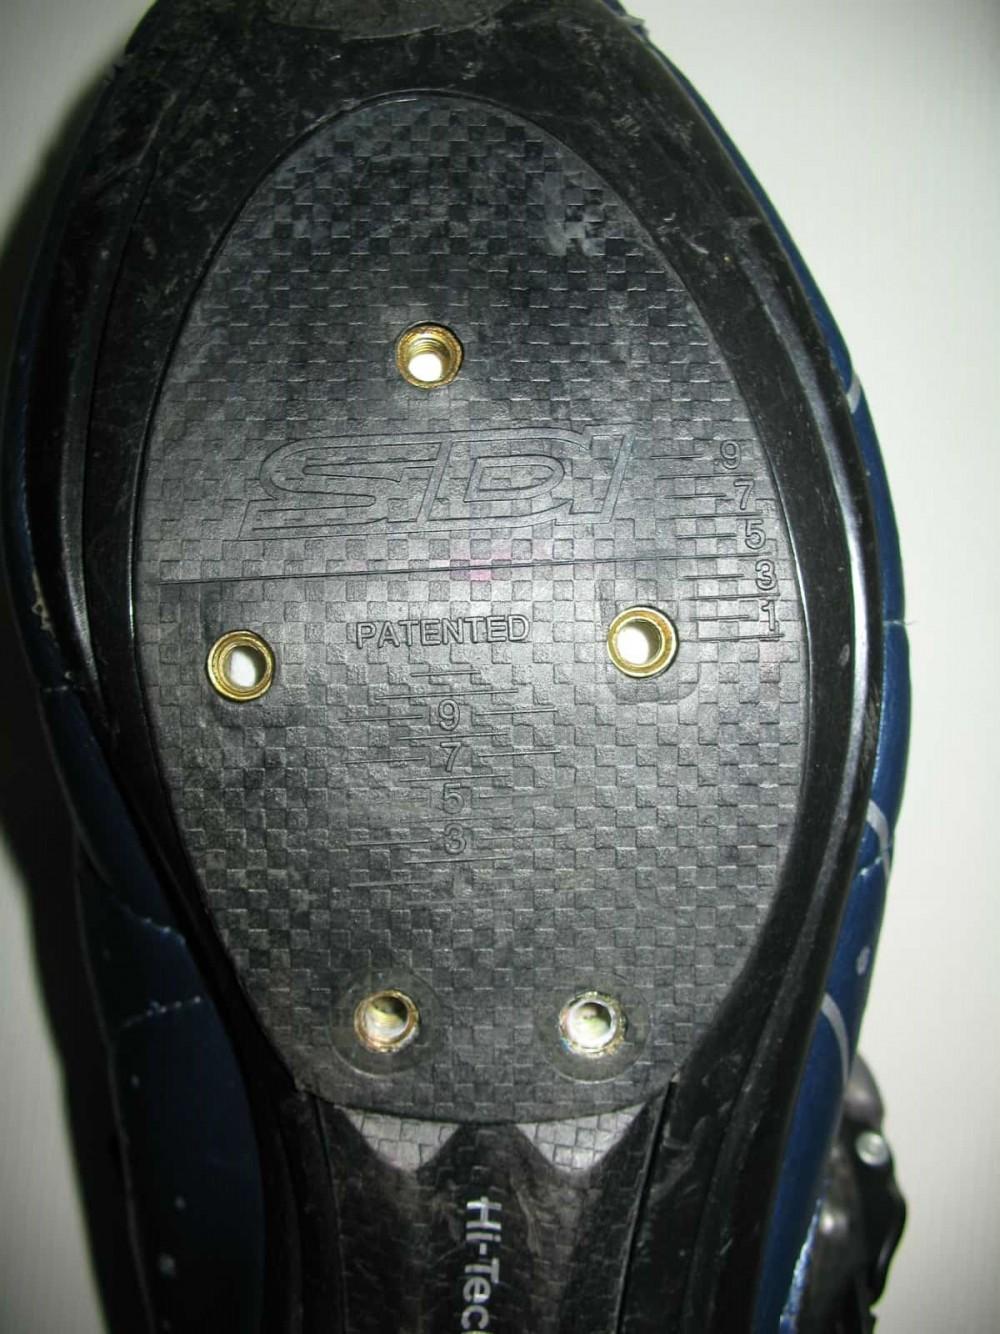 Велотуфли SIDI genius 5.5 carbon road shoes (размер EU42,5(на стопу 265mm)) - 7